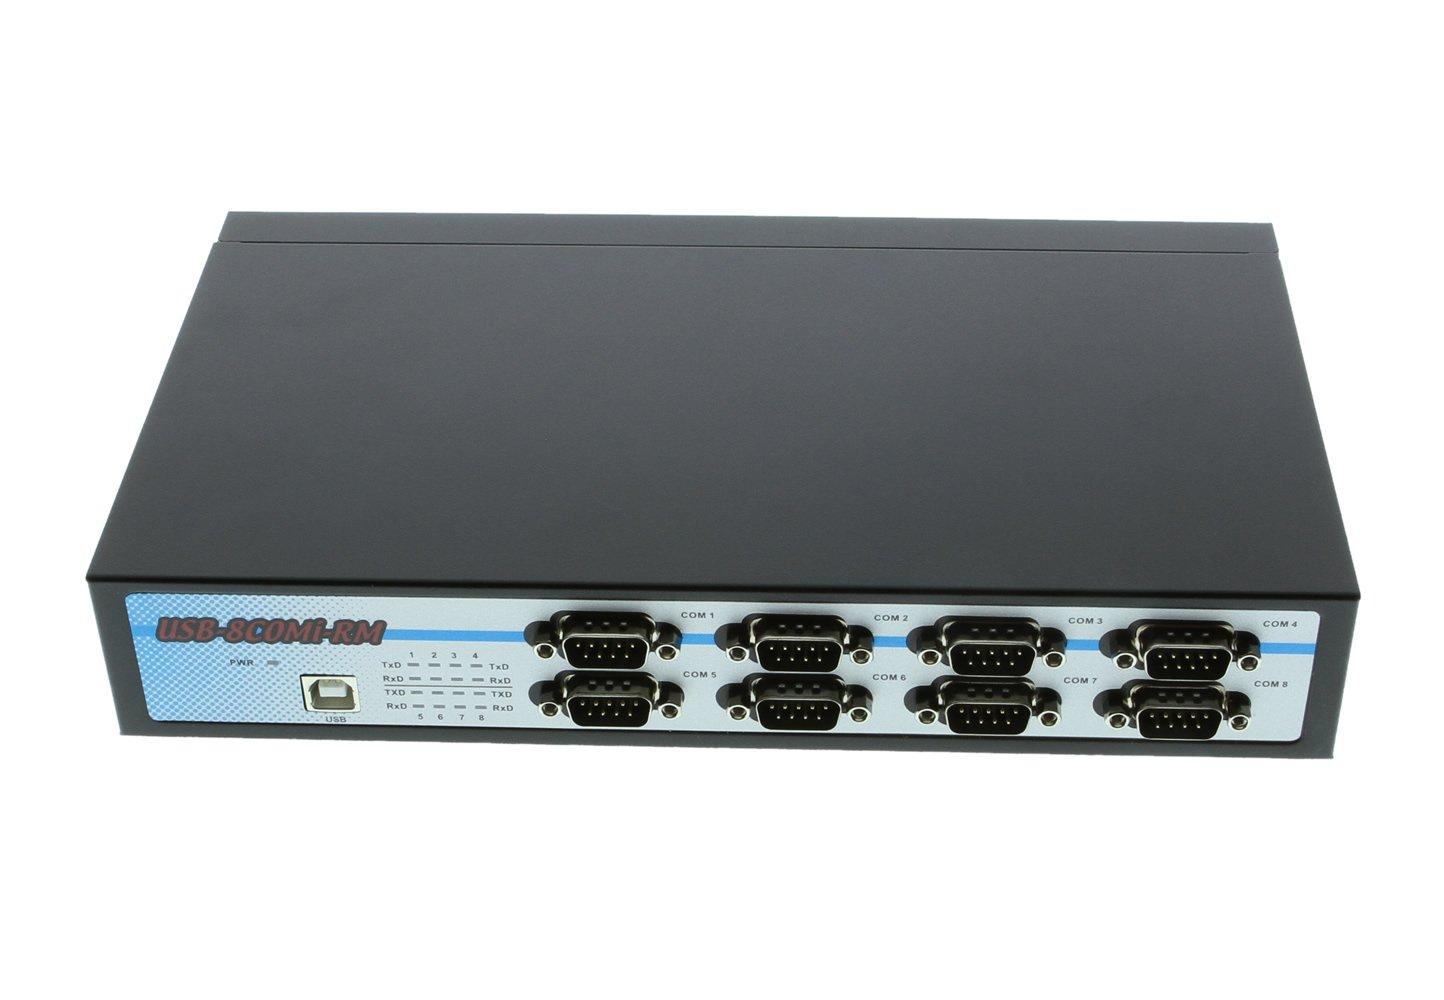 SerialGear 8 Port USB to Octal RS-232/422/485 Adapter